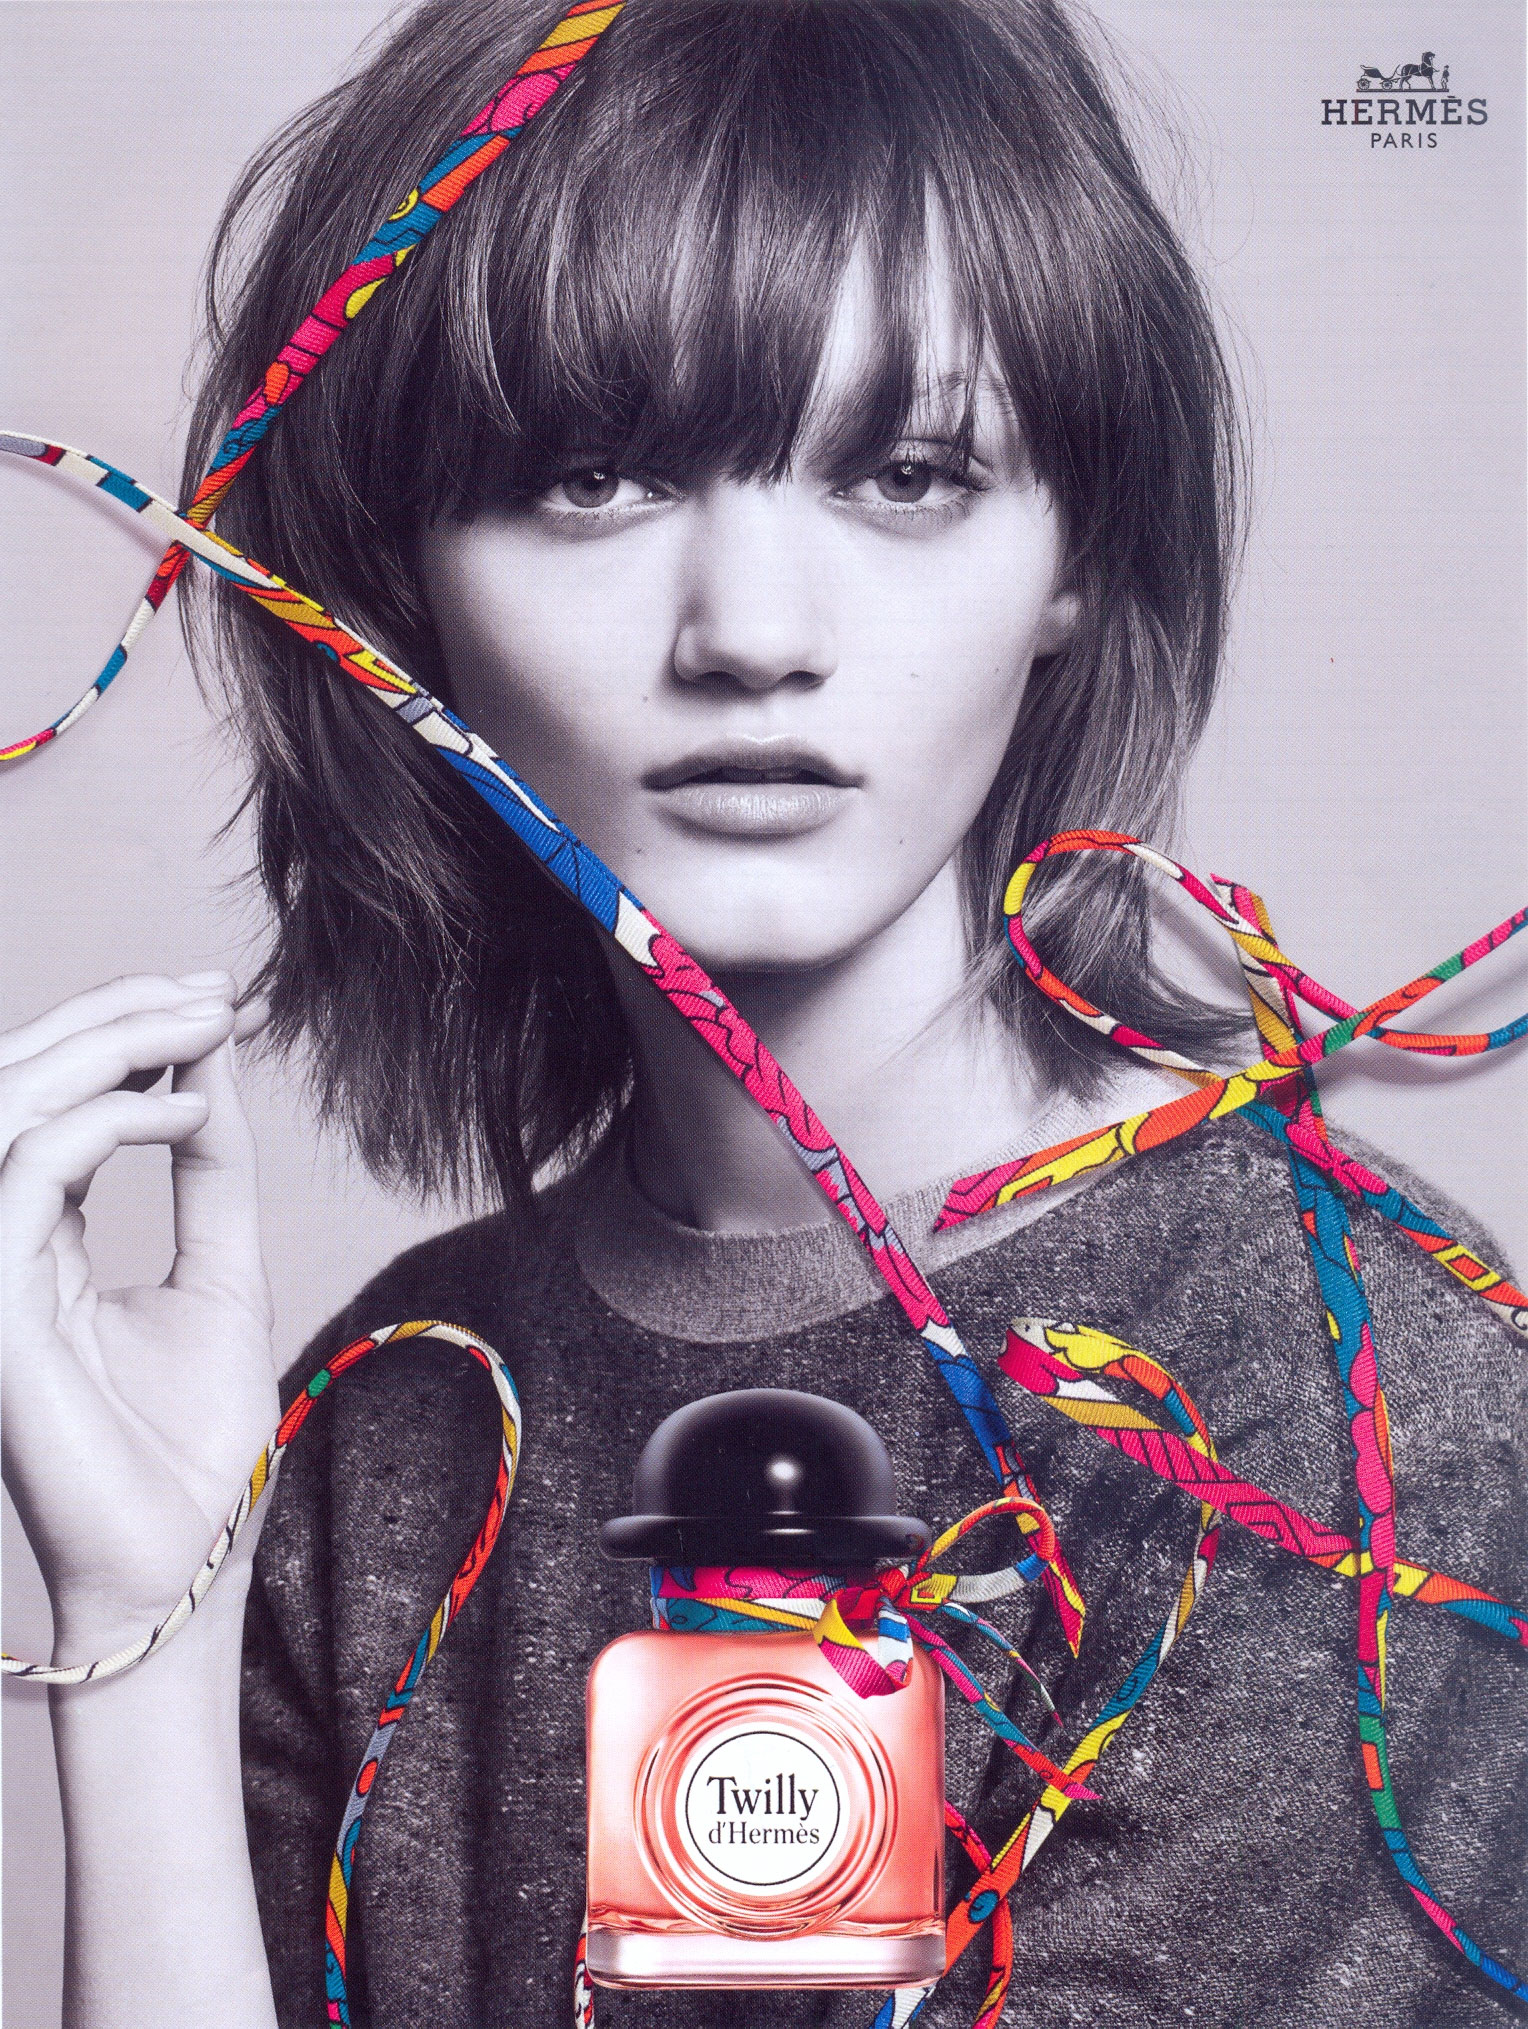 Hermès Twilly d'Hermès visual.jpg